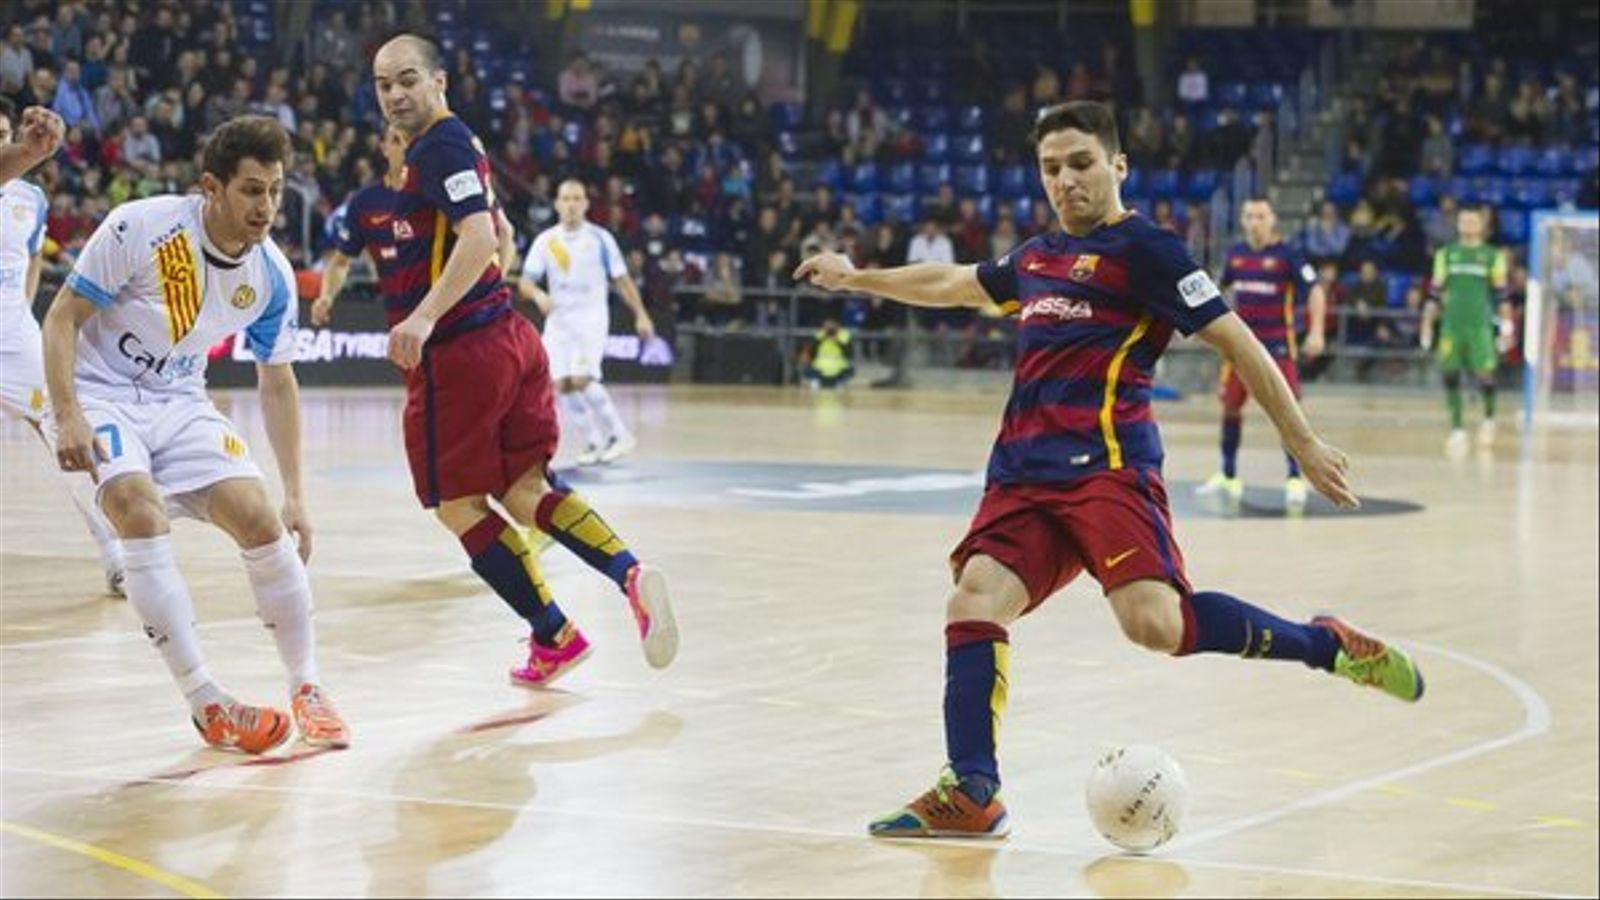 El Barça Lassa ha accedit a les semifinals dels 'play-off' després de vèncer al Santa Coloma